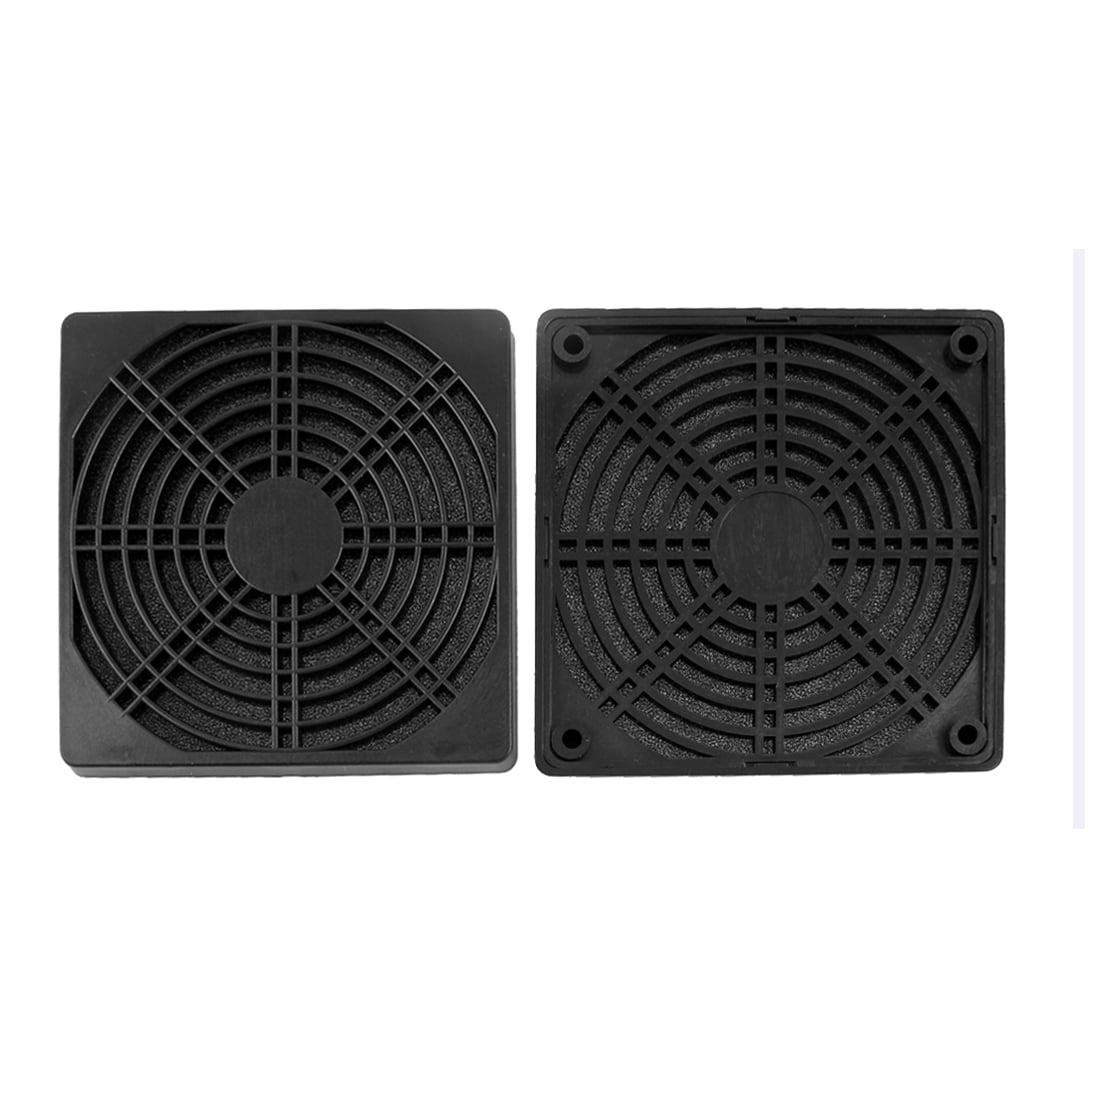 Computer Dustproof Cooler Fan Case Cover Dust Filter Mesh 120mmx120mmx10mm 2pcs